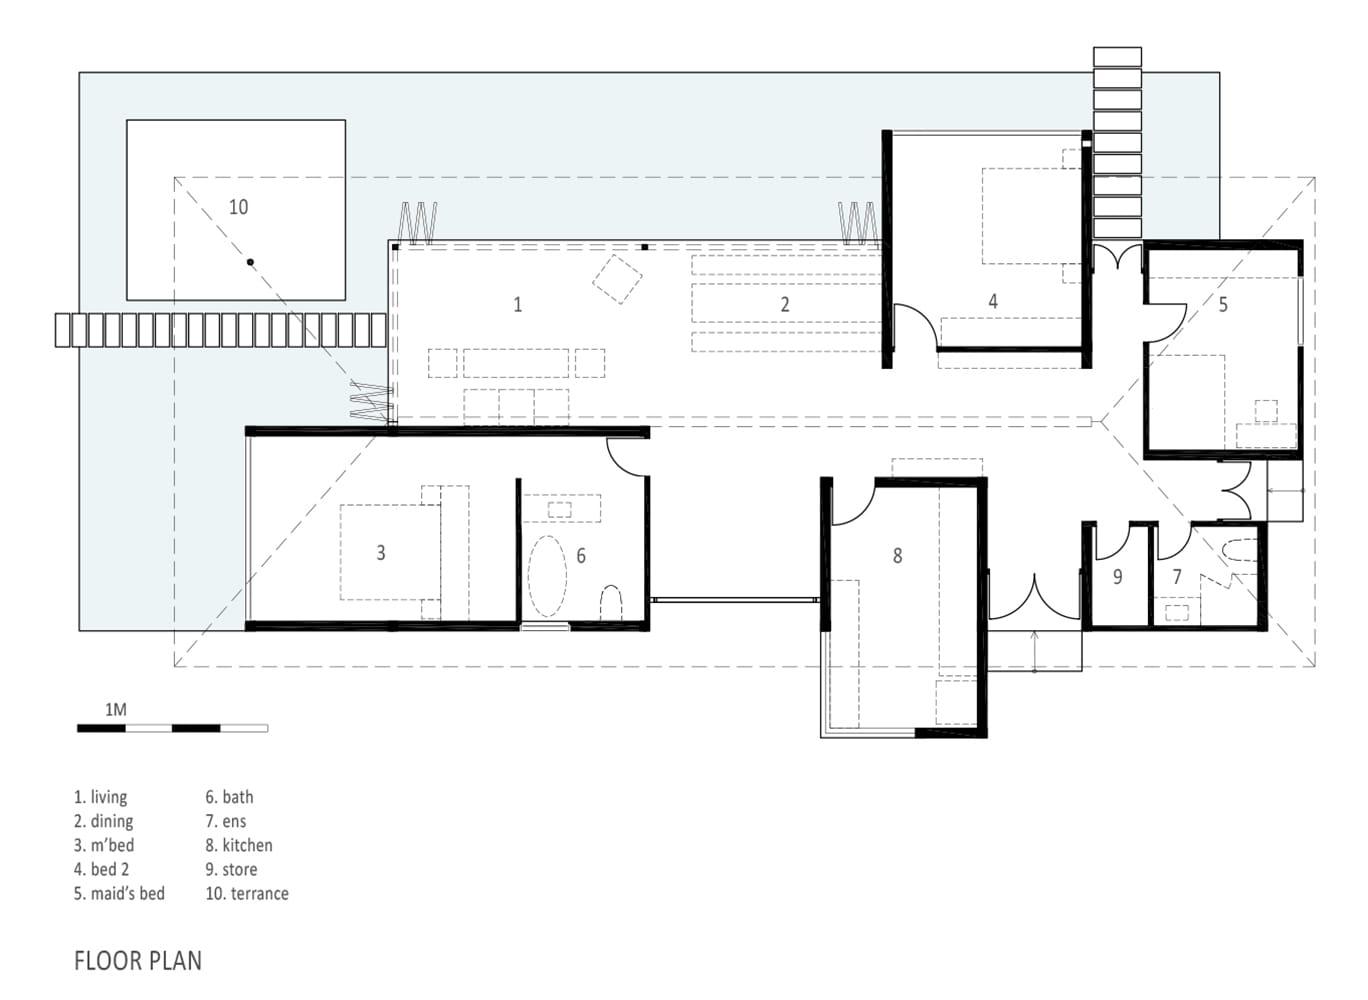 AM house in Vietnam Floor plan